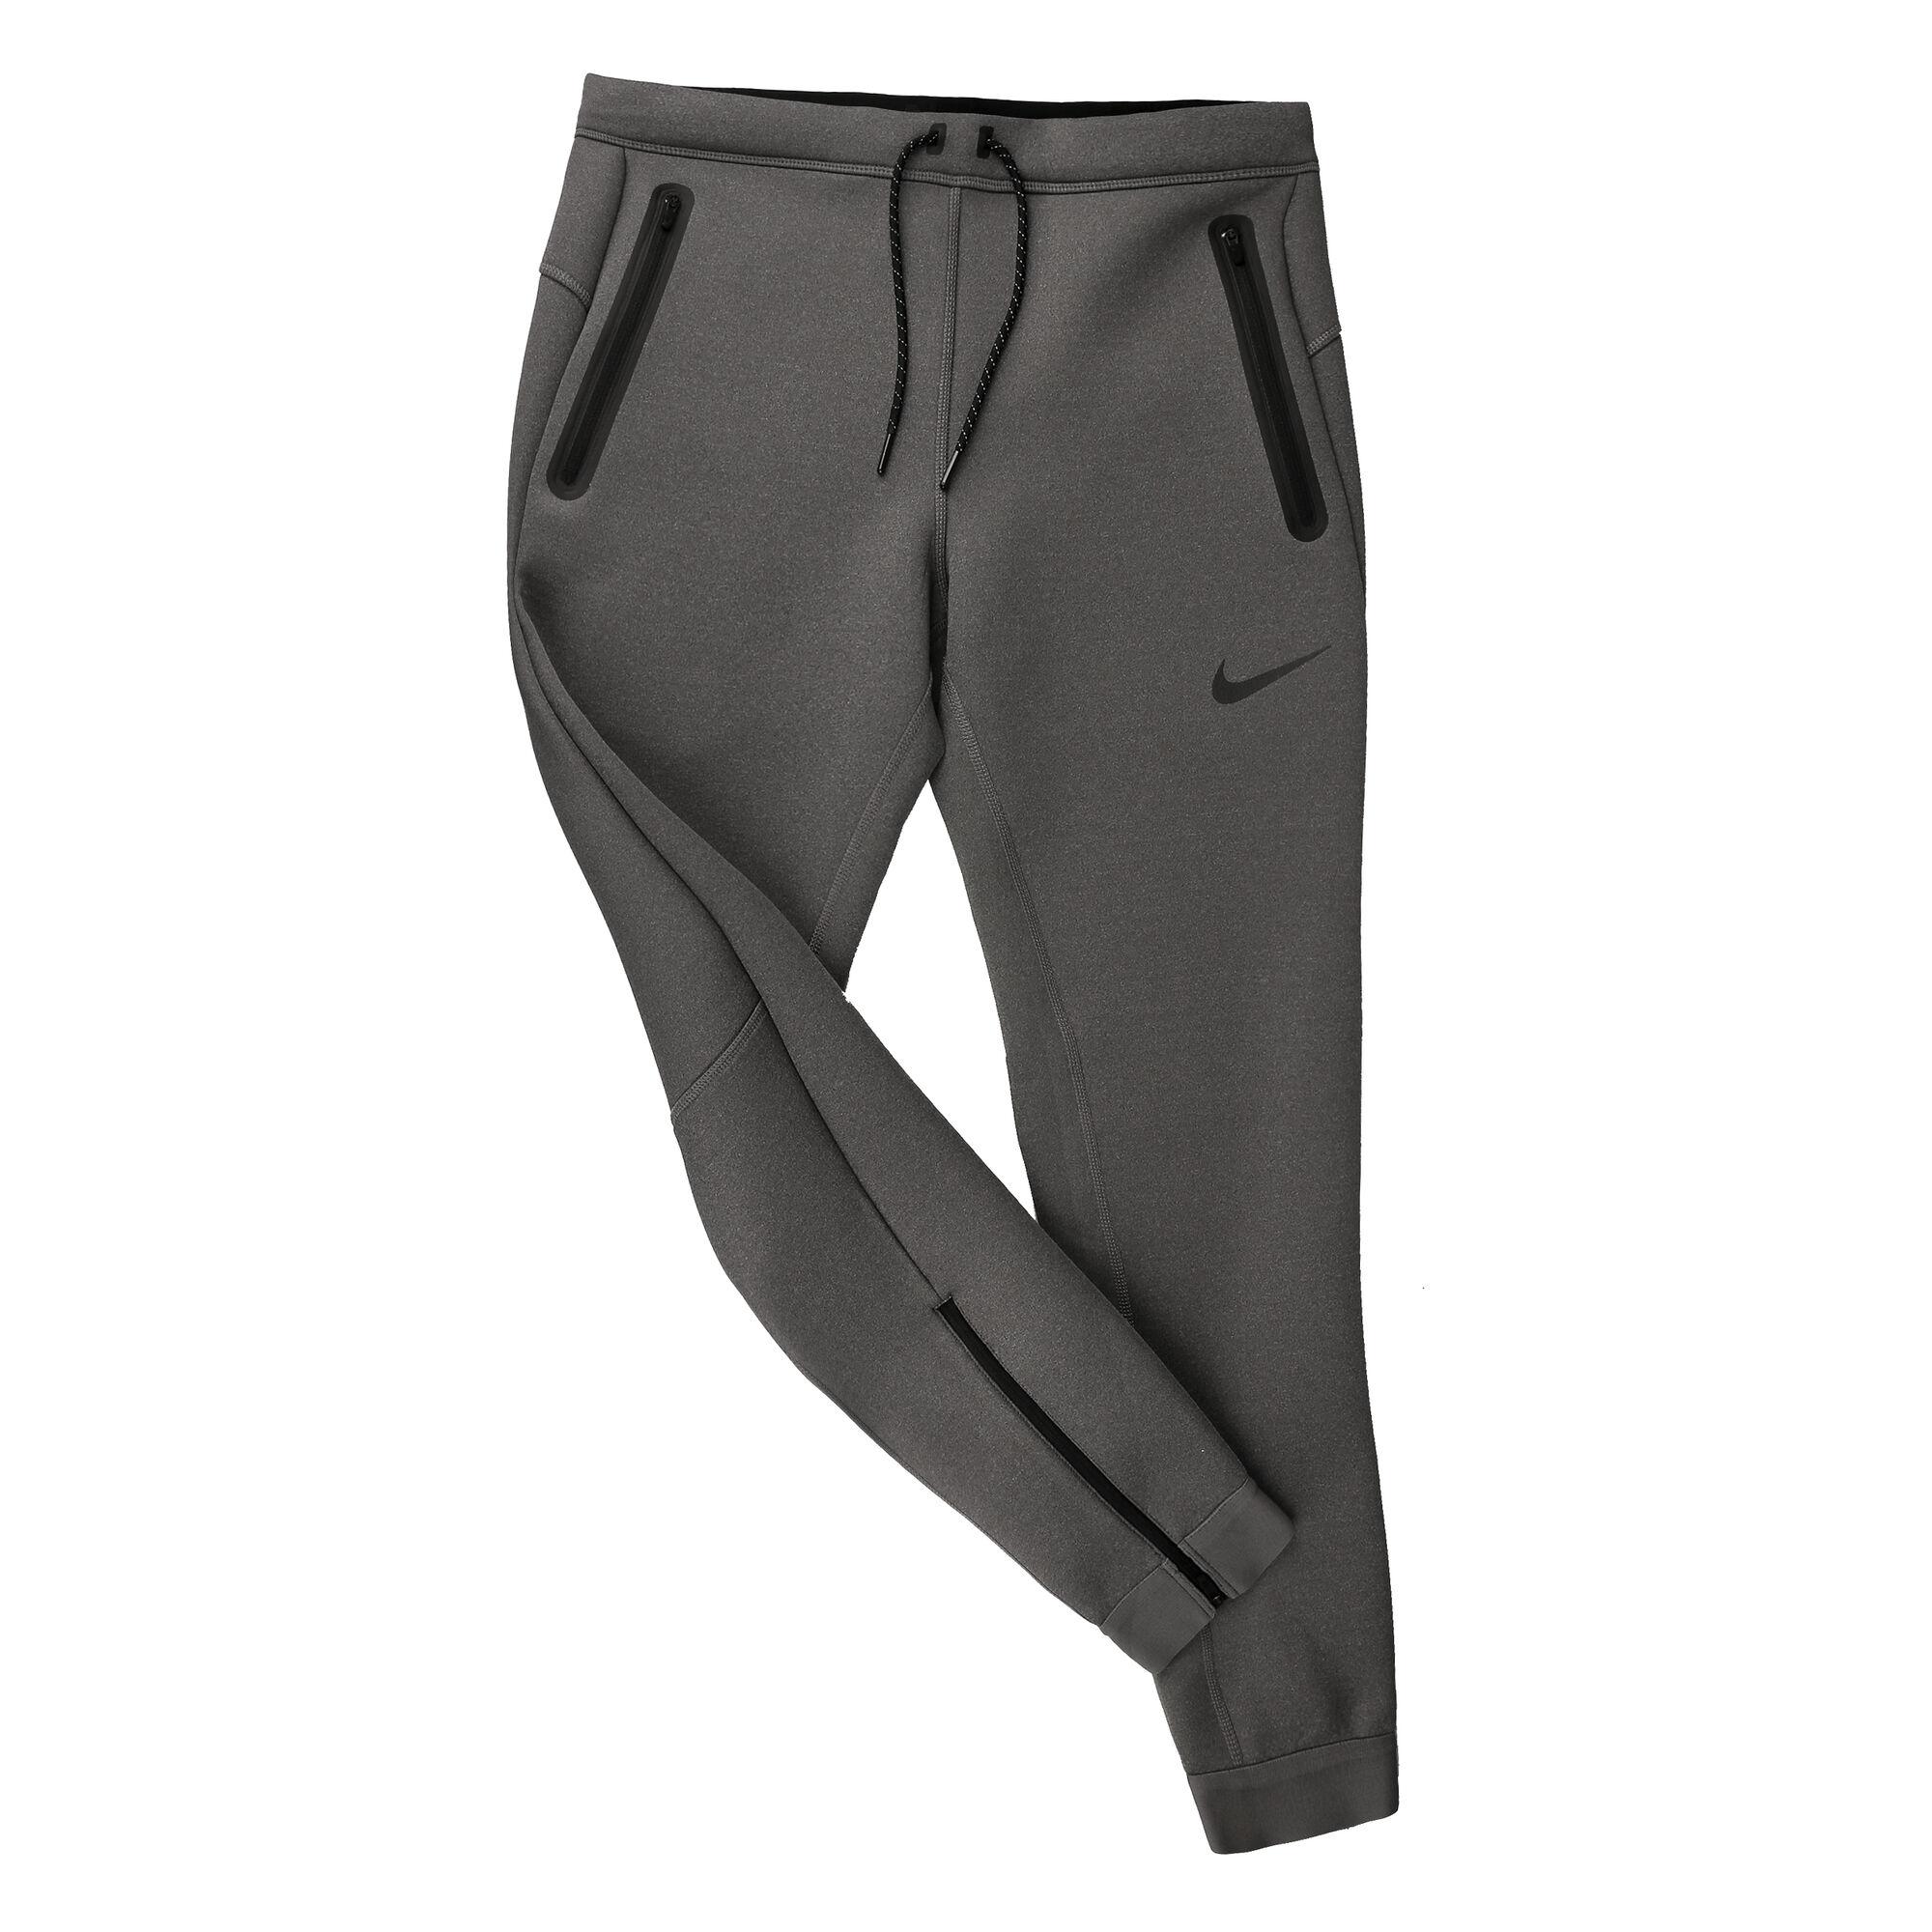 74e050ba61f9 Nike · Nike · Nike · Nike · Nike · Nike · Nike · Nike · Nike. Therma Sphere  Max Pant Men ...